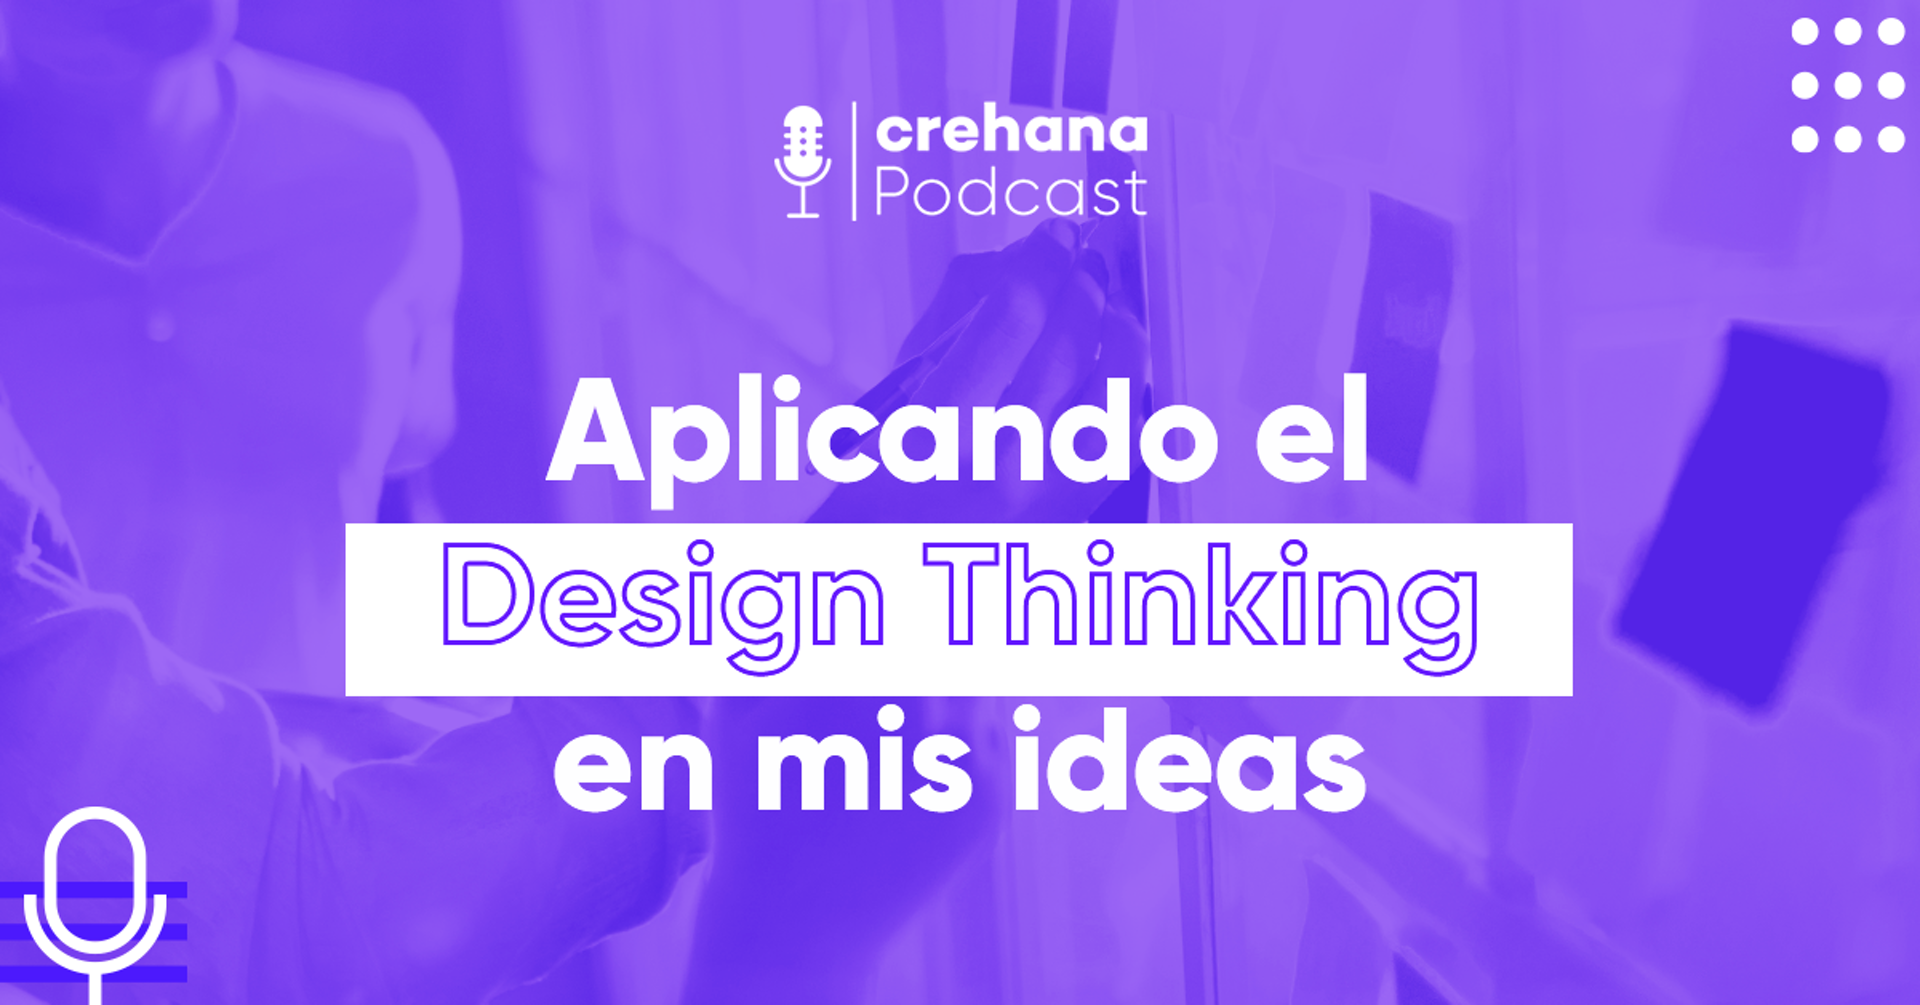 Crehana Podcast: Aplicando el Design Thinking en mis ideas